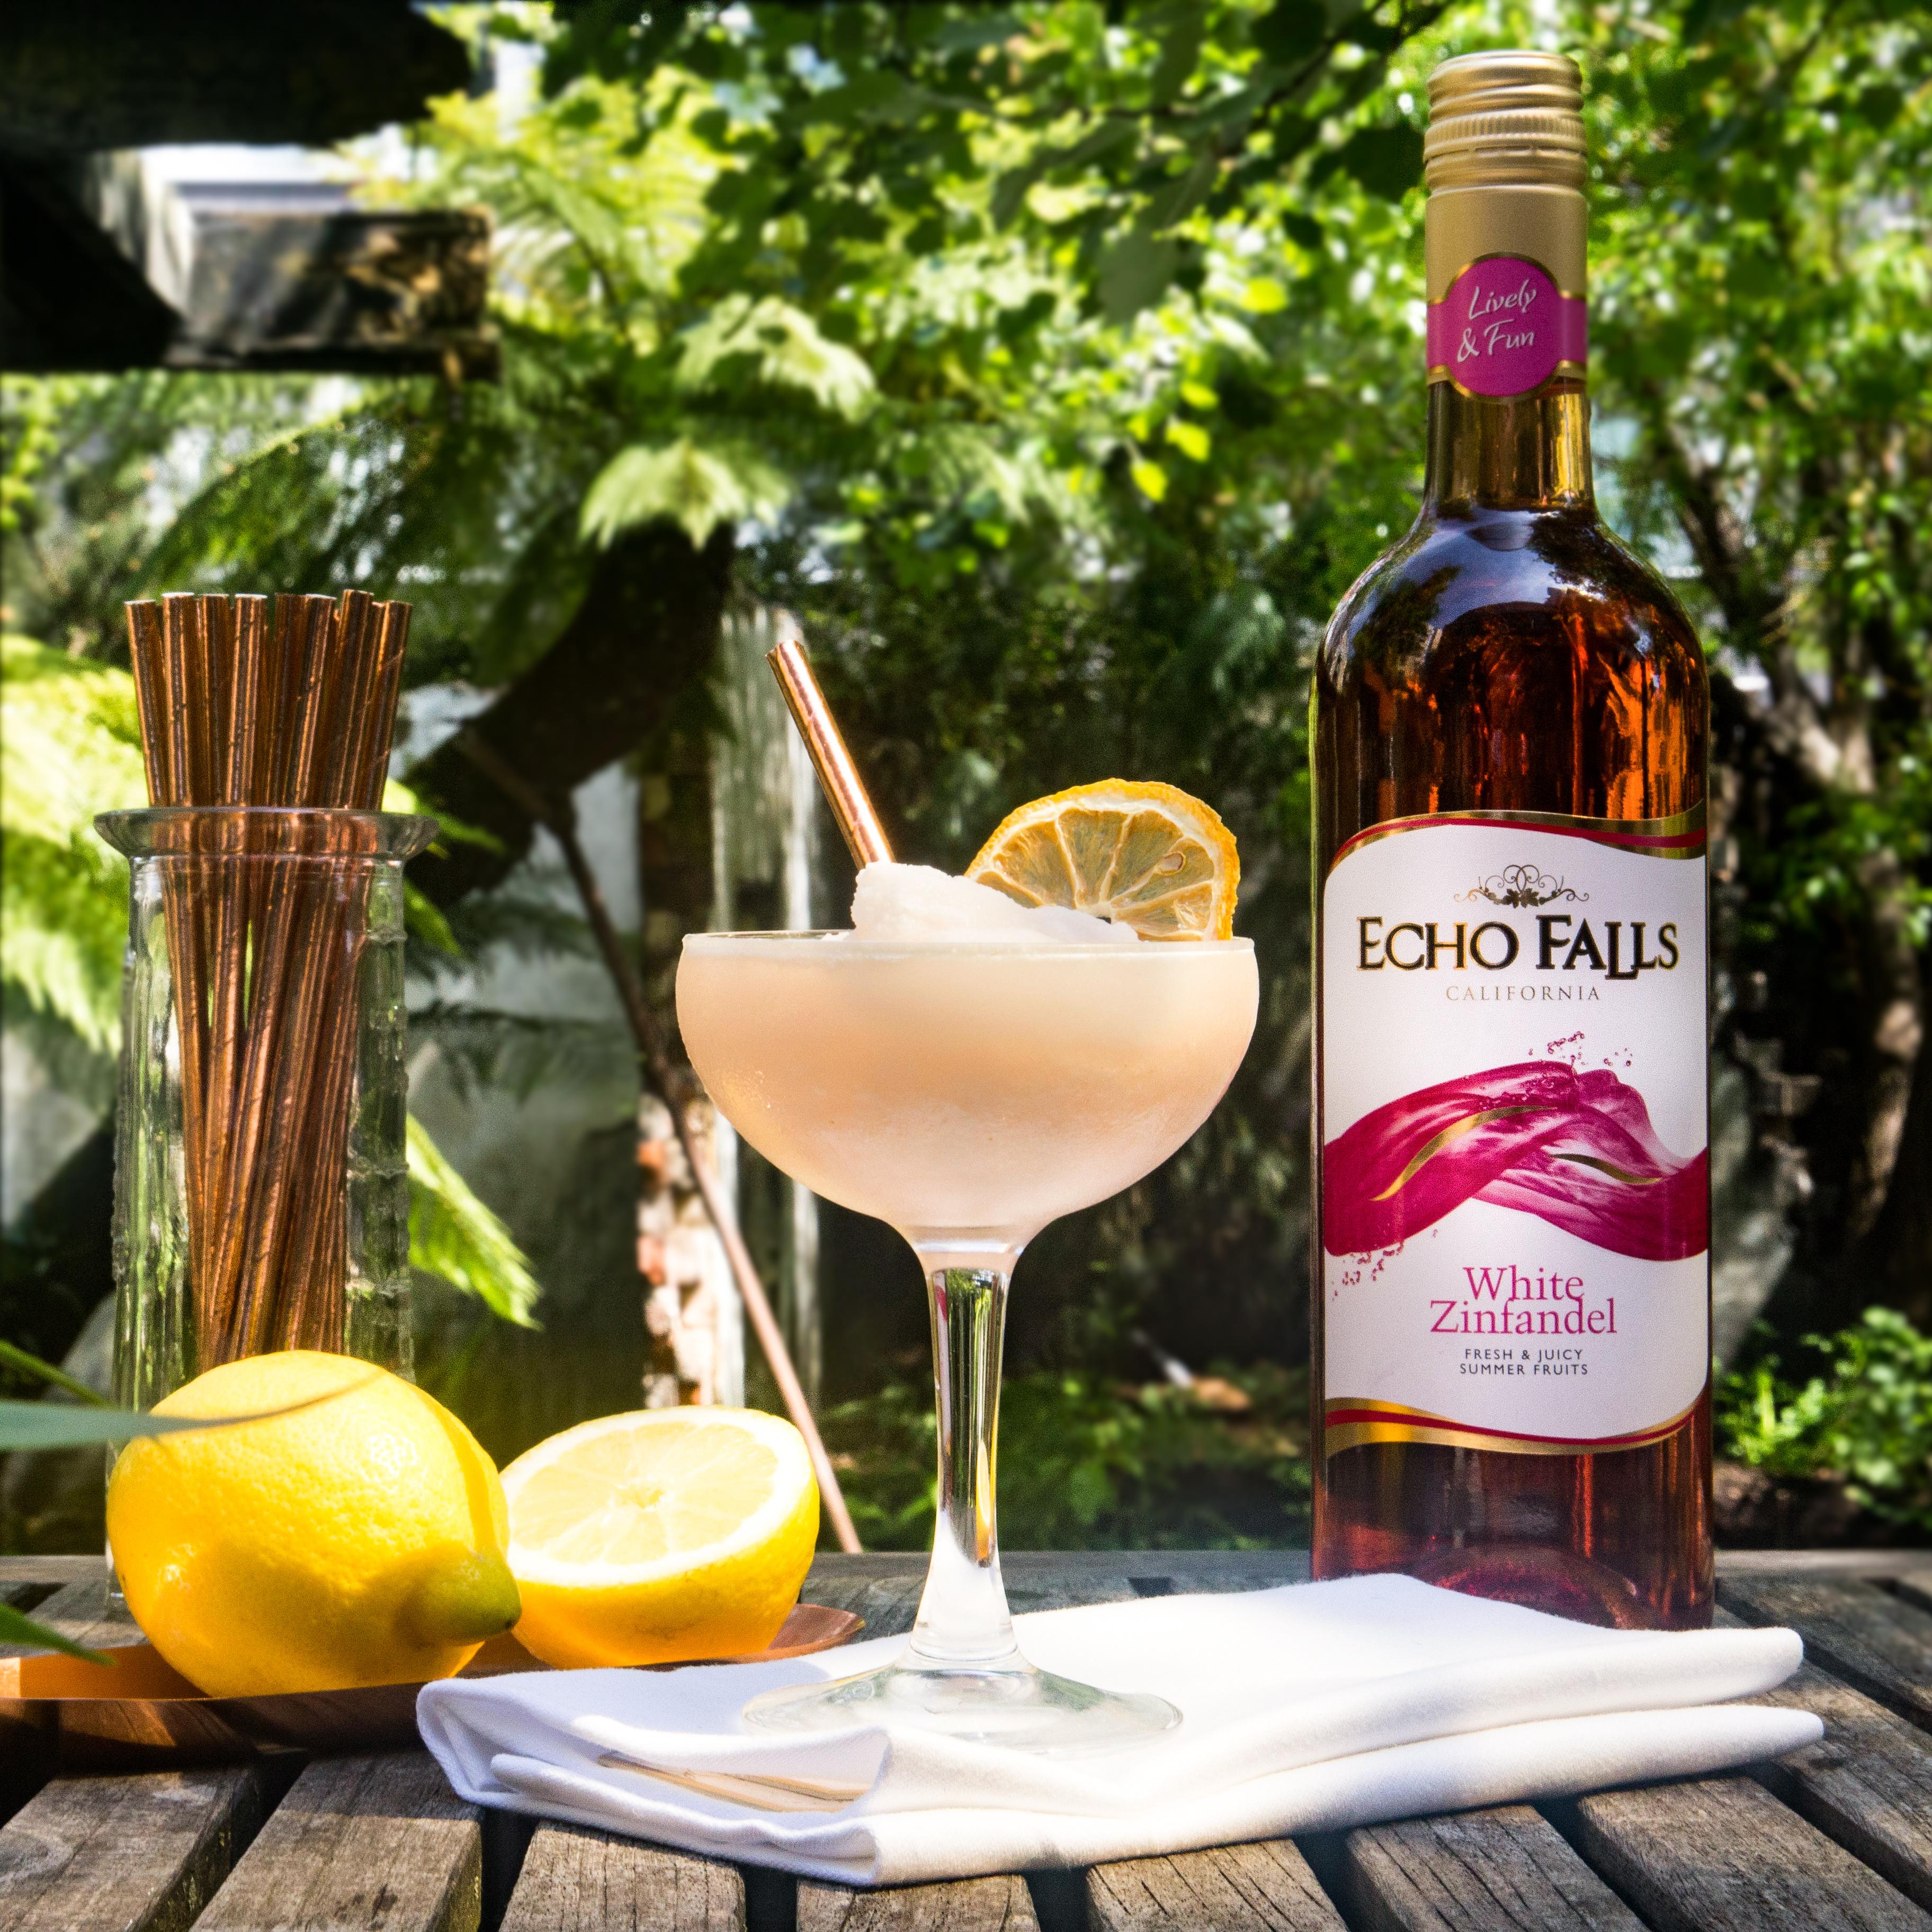 Echo Falls Frosé Lemon Scream Cocktail